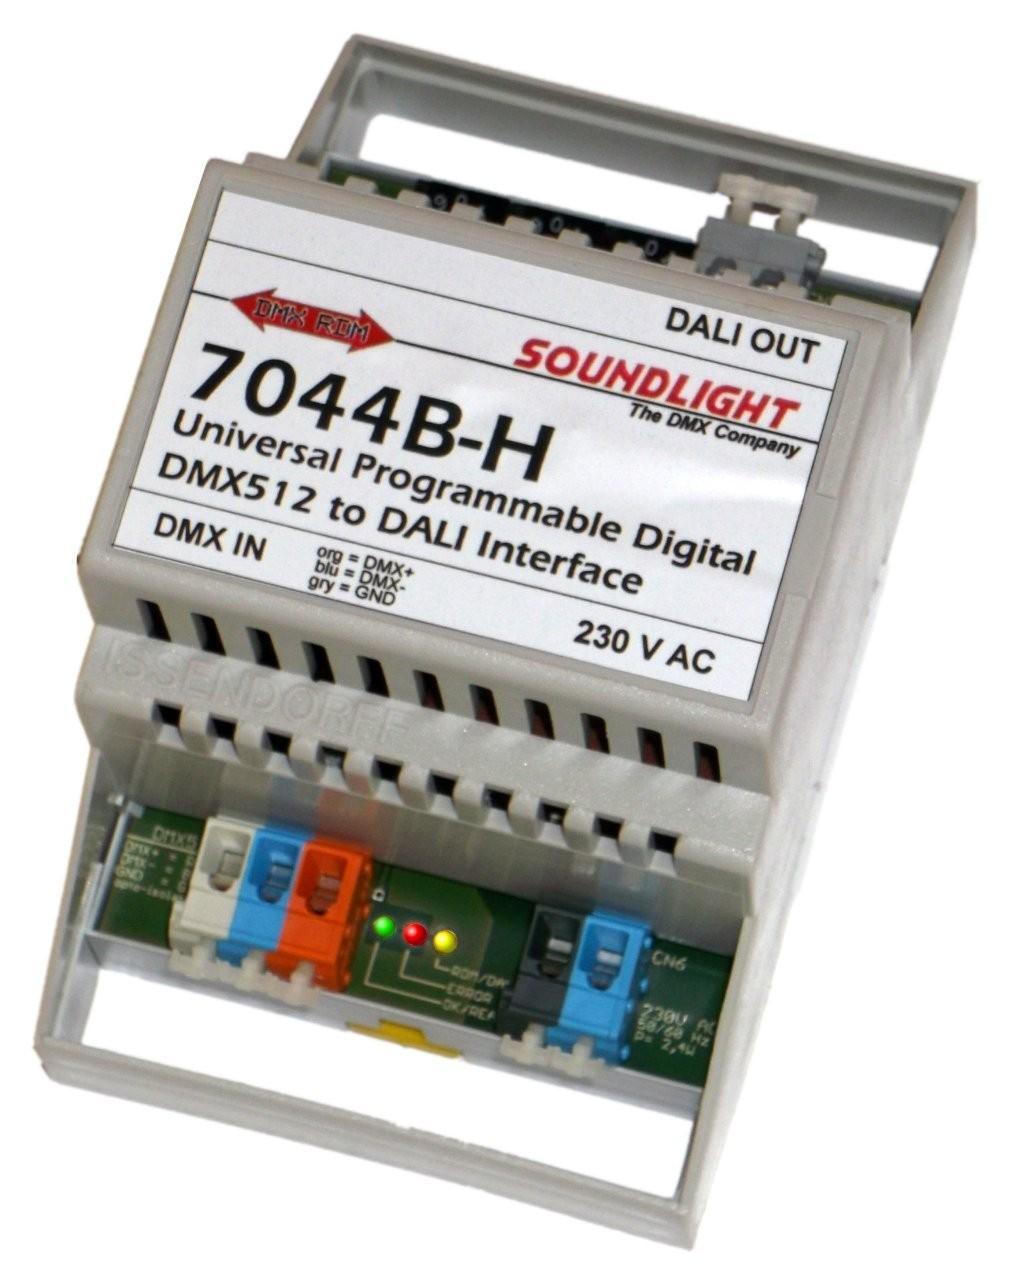 7044B-H | DMX naar DALI interface, 16 groepen